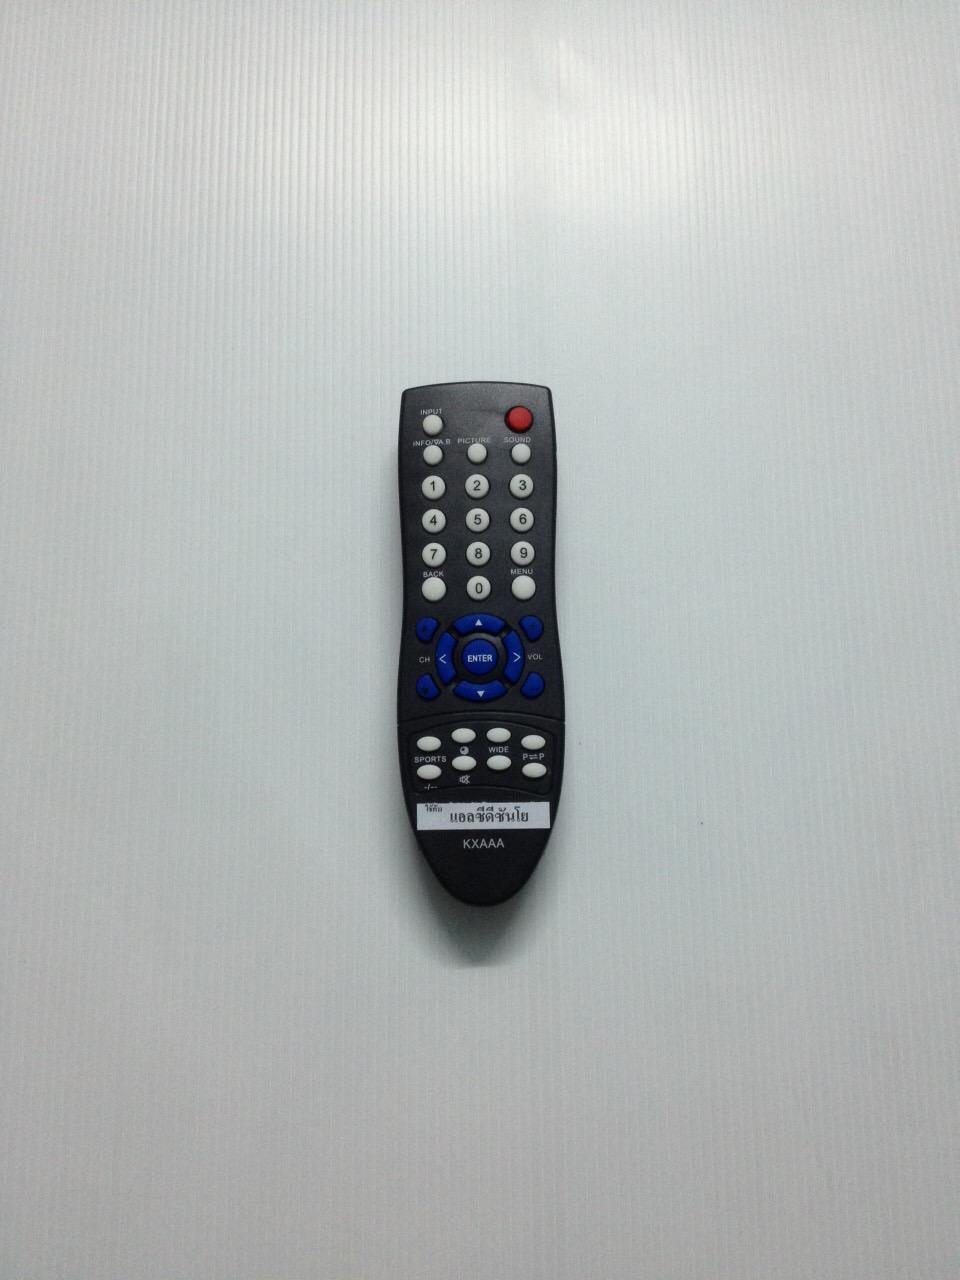 รีโมทแอลซีดีซันโย LCD sanyo KXAAA